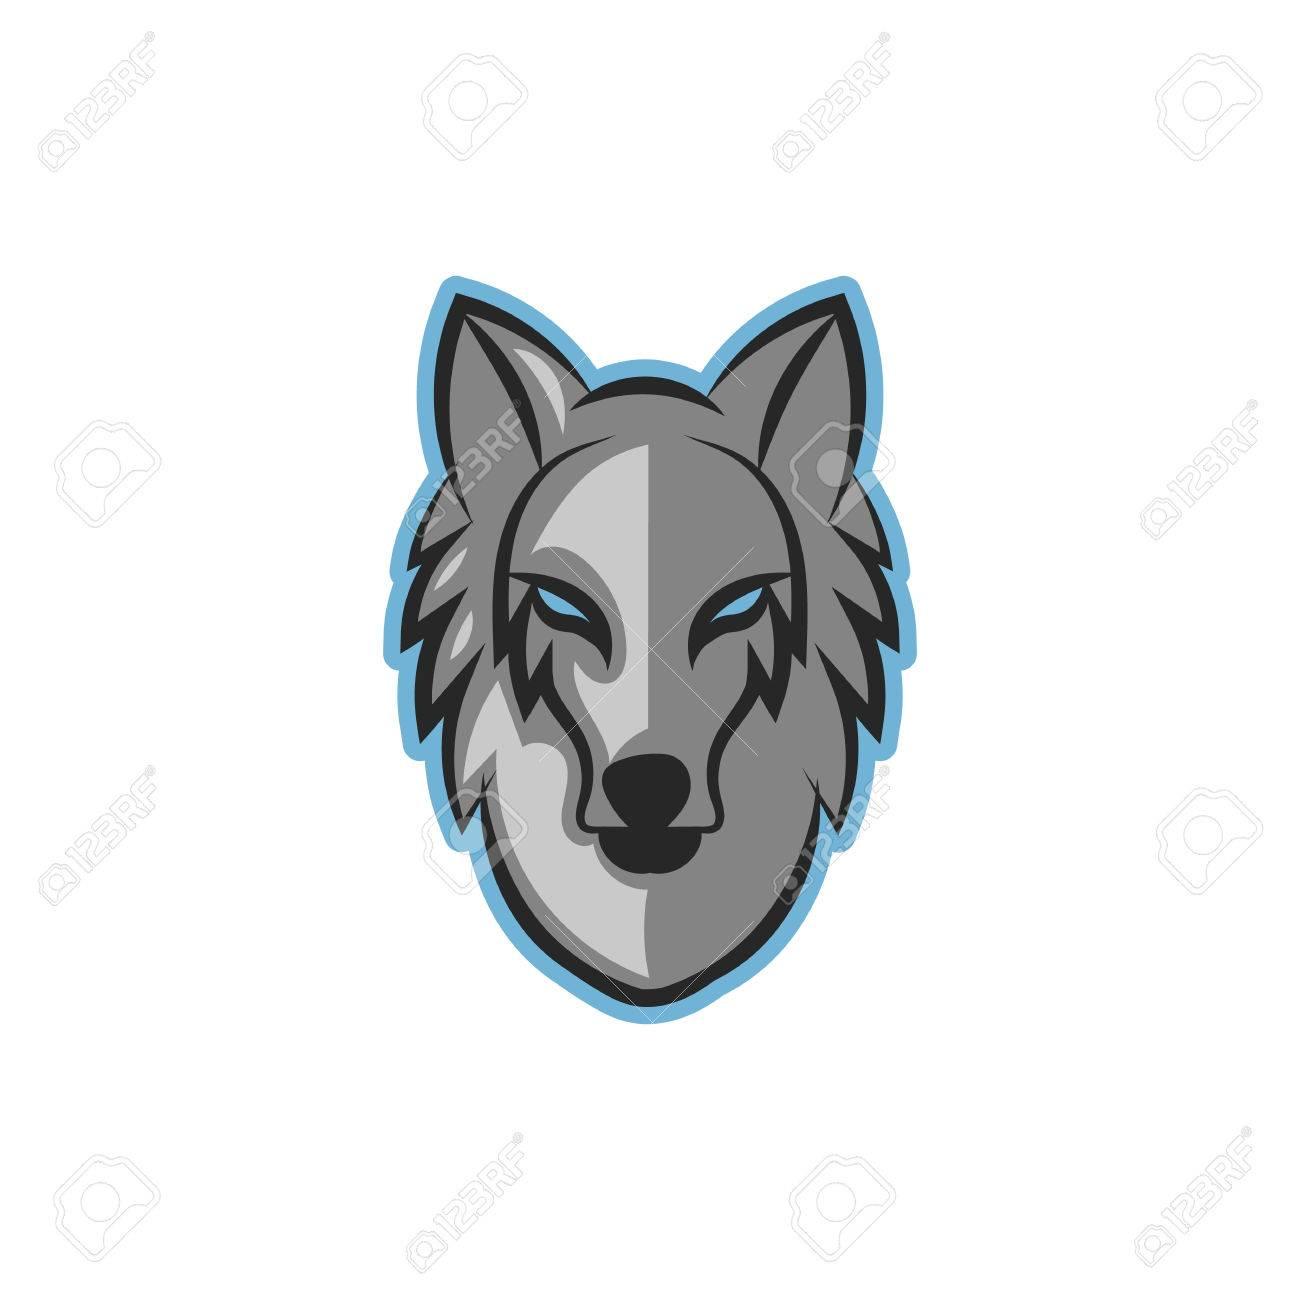 Wolf head logo blue